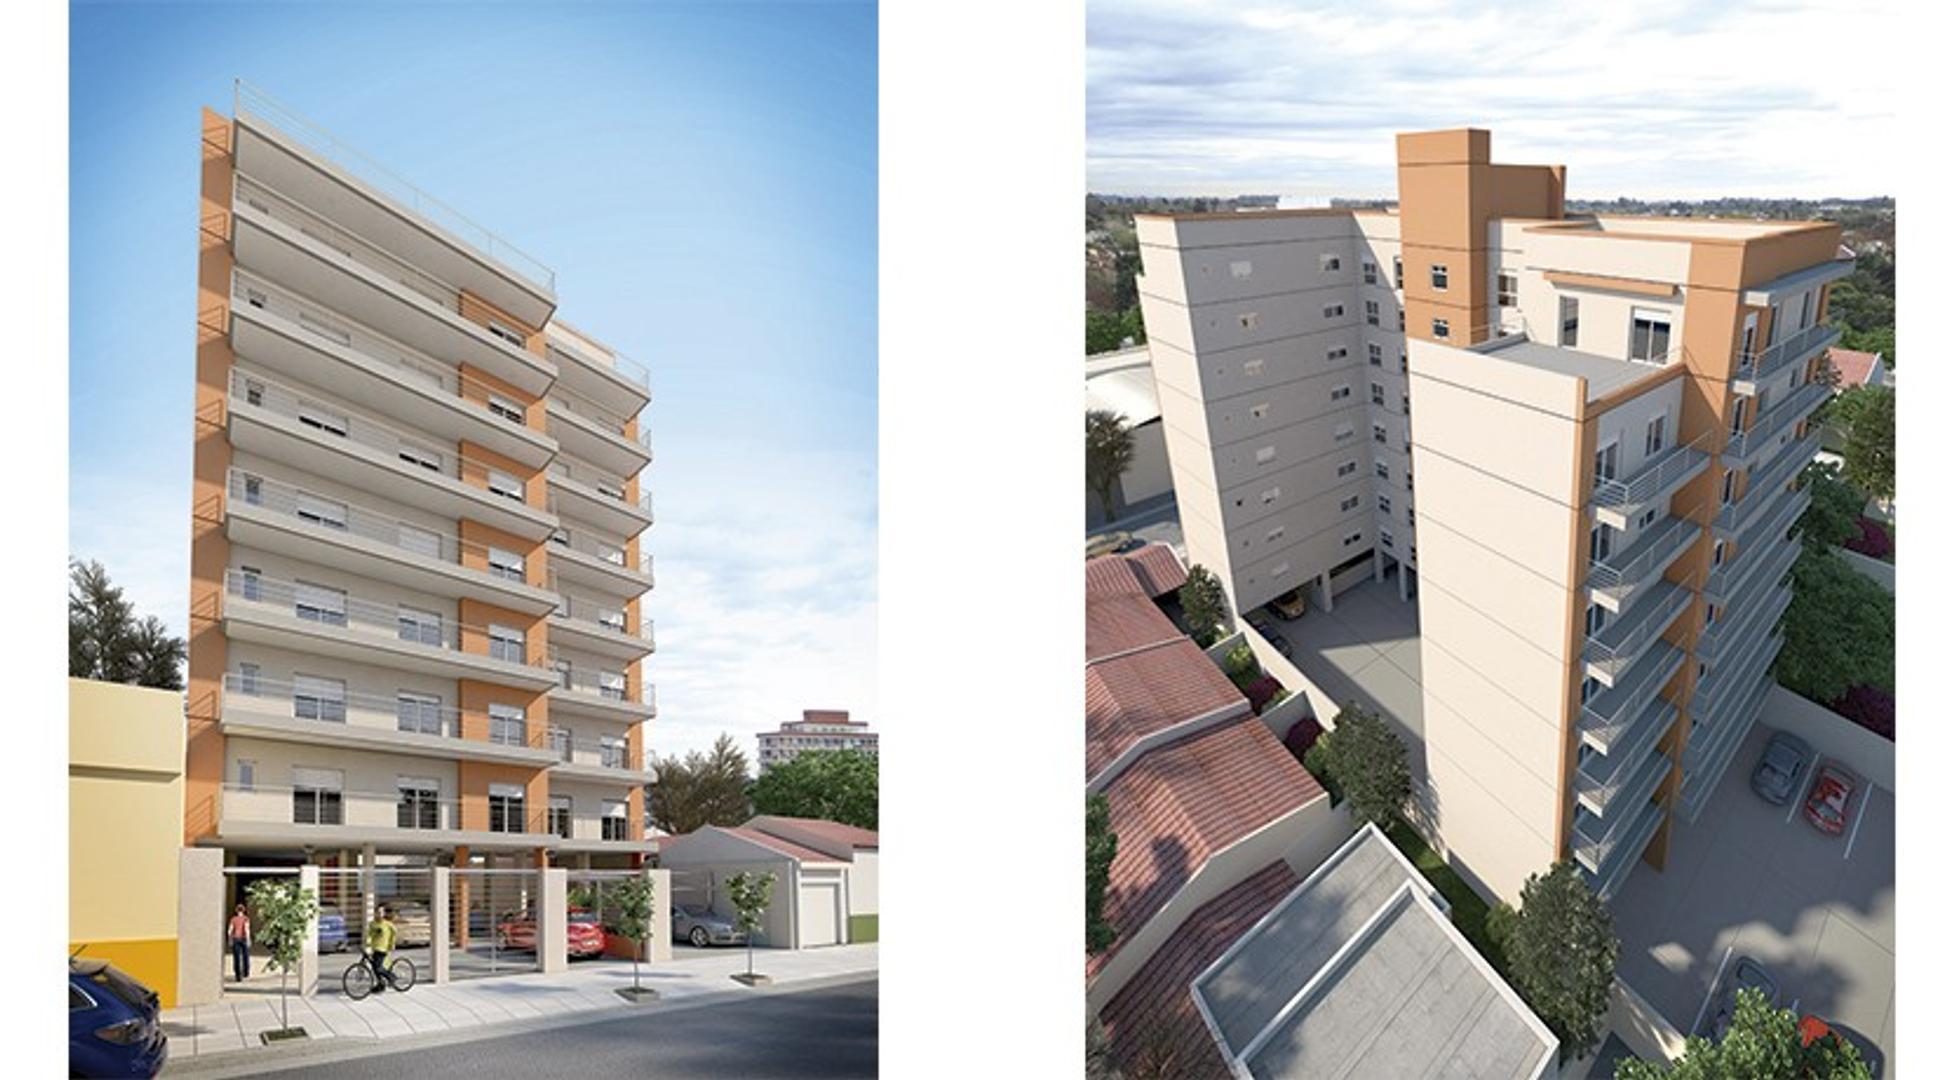 Edificio Desde El Pozo - 1 Amb 35 m² - San Martín 525 - Morón Sur